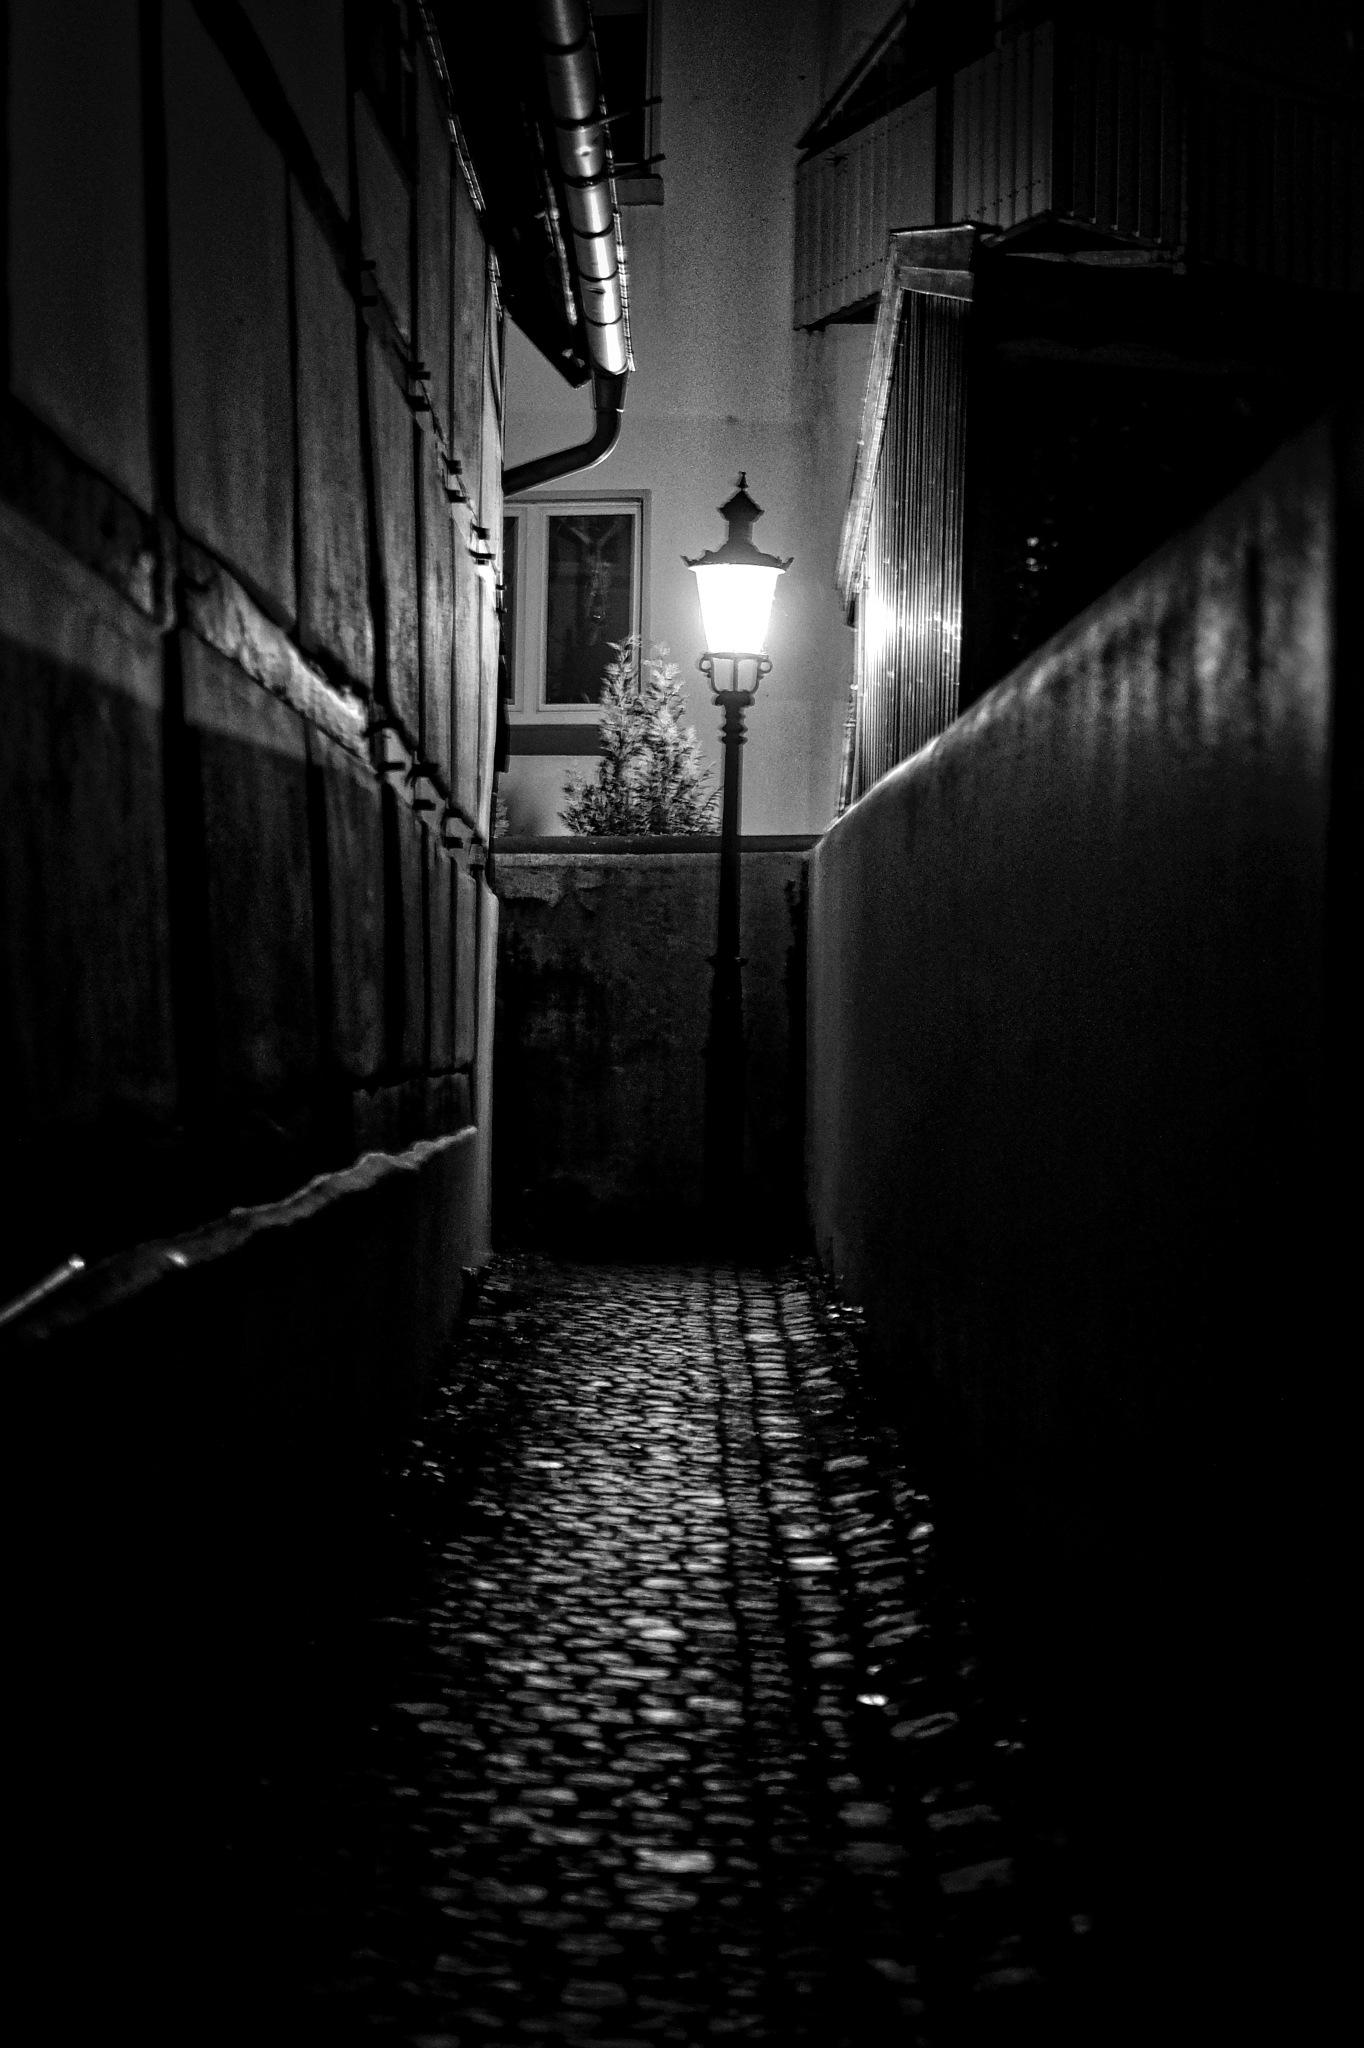 Nightwalk by peterkryzun